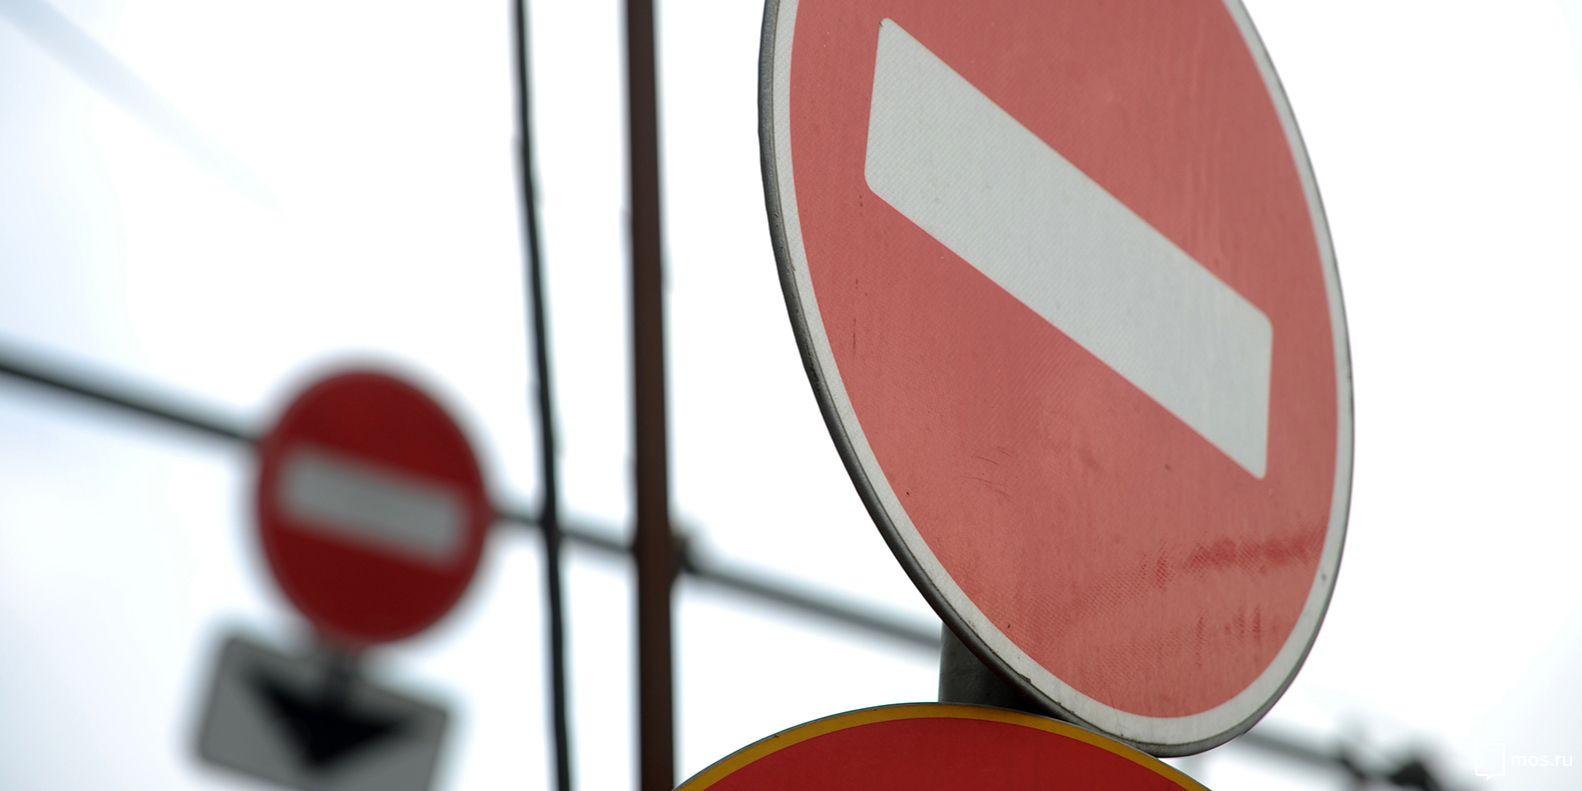 Схема движения на юго-востоке Москвы изменится из-за закрытия розовой линии метро